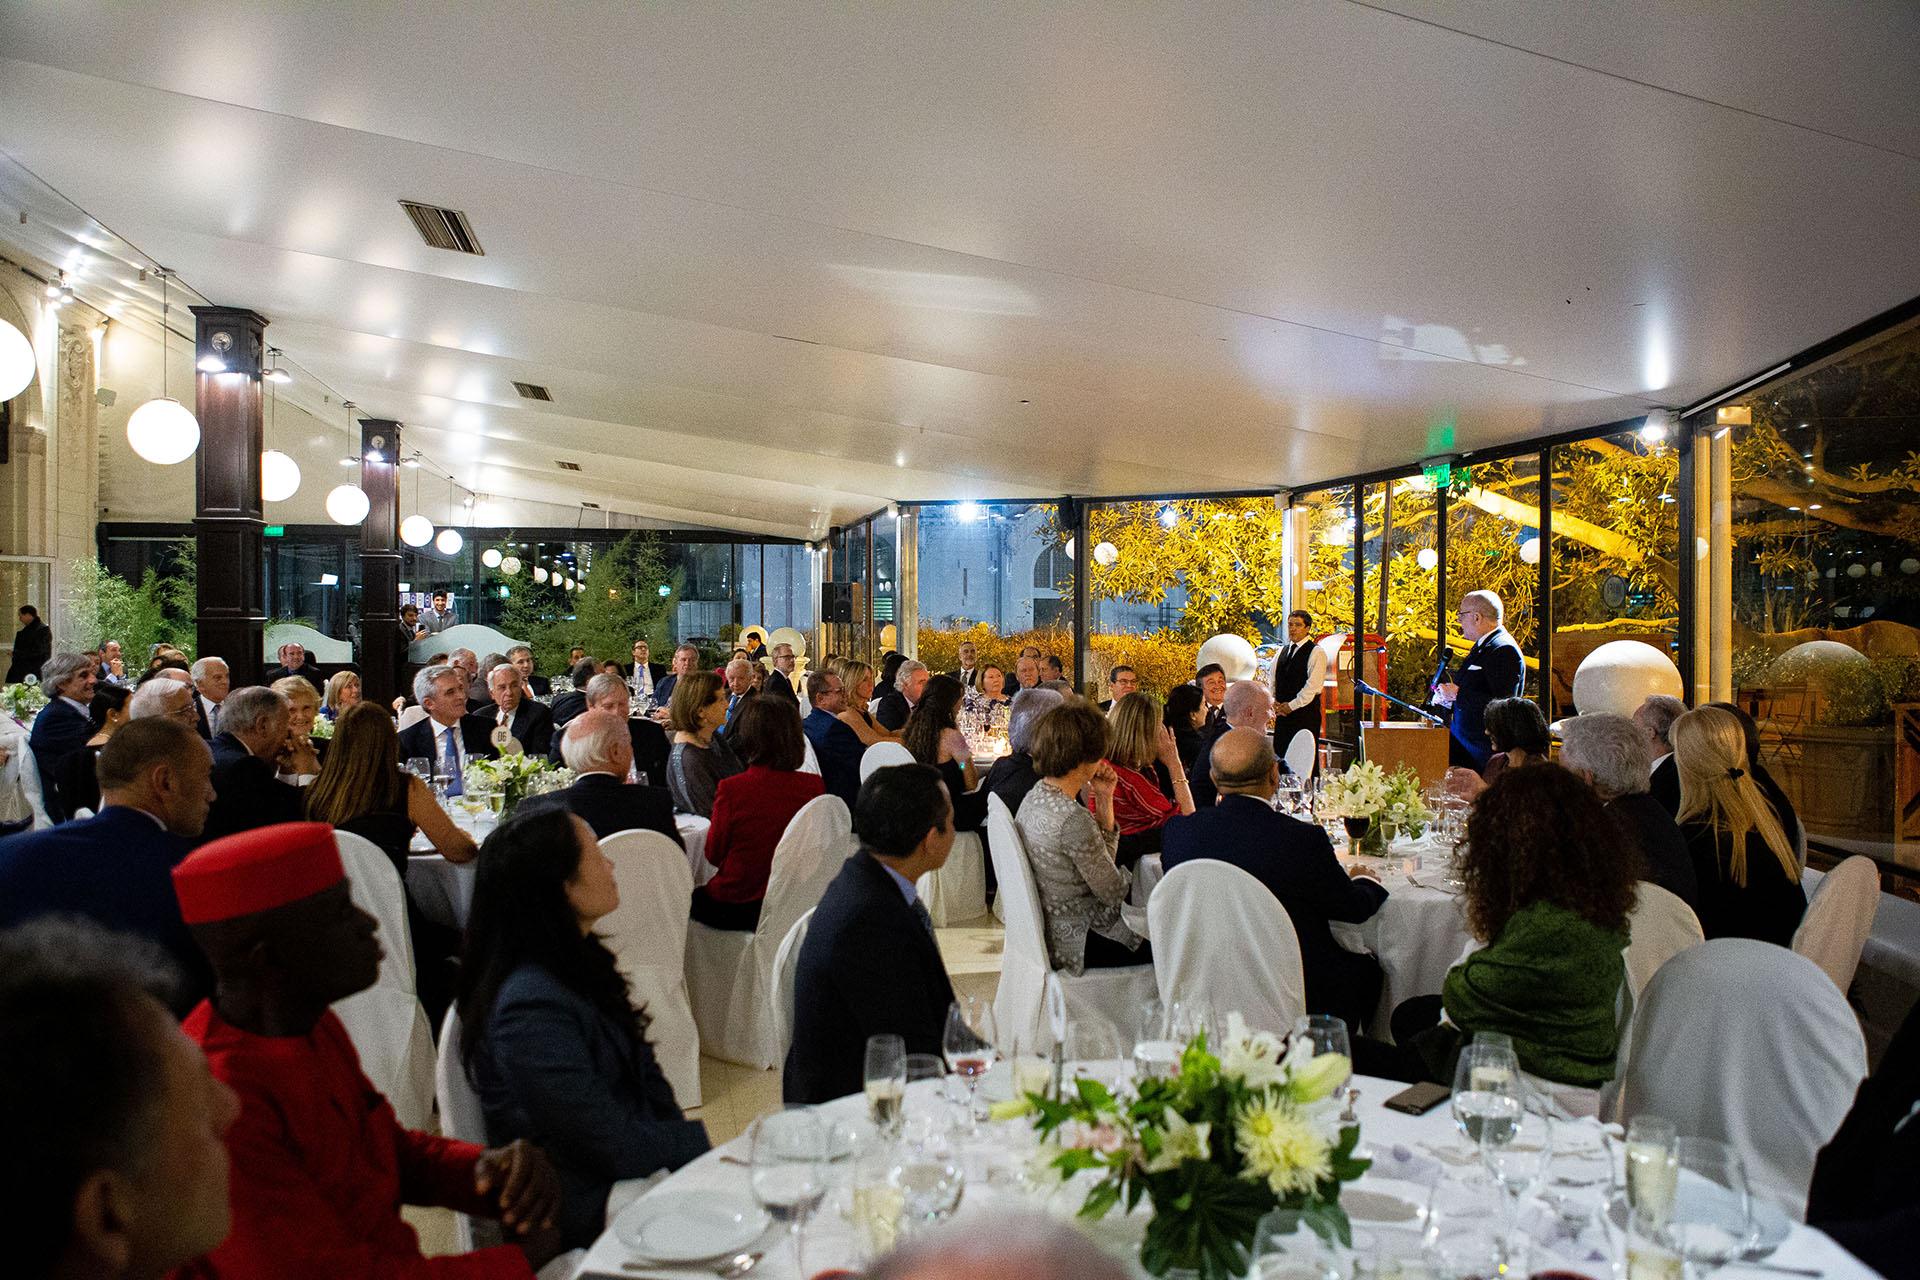 """""""Este encuentro tiene para nosotros, representantes del campo argentino, un significado especial para avanzar decididamente en el camino del diálogo y la inserción internación"""", expresó Pelegrina. """"La Argentina es el tercer exportador neto de alimentos del mundo. Y sabemos que formamos parte de una región que tiene mucho para ofrecer en materia de producción, fibras, energías renovables y tecnologías, y con ello, dar a sus habitantes oportunidades de empleo y desarrollo"""""""